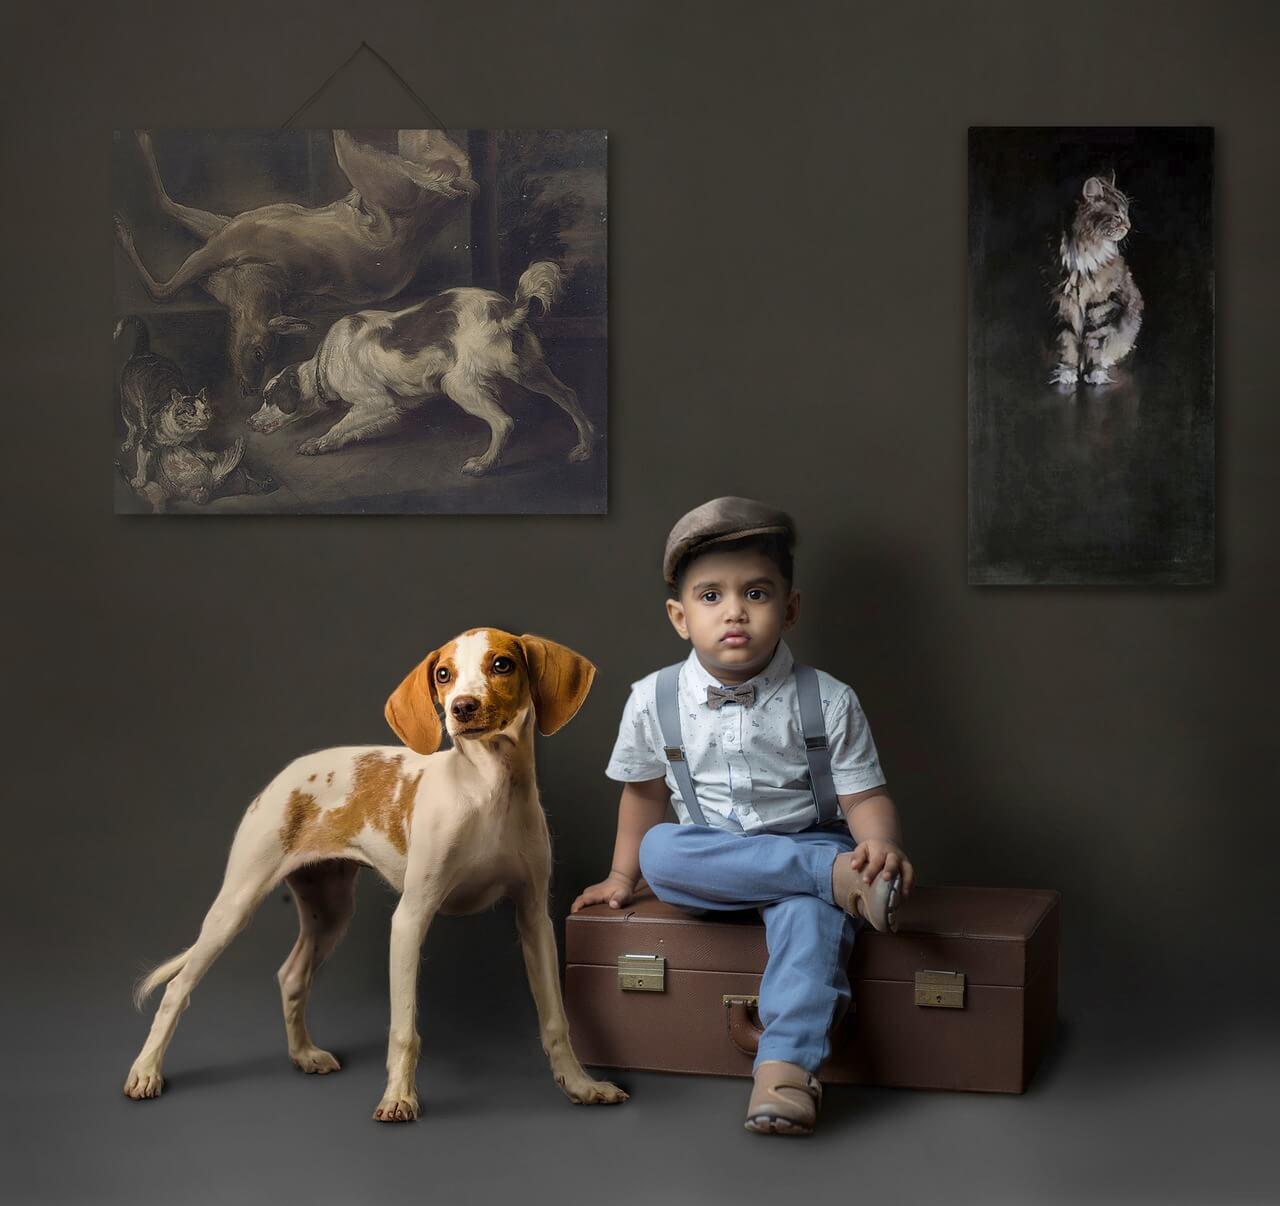 Niño sentado en una maleta acompañado de un perro con fondo oscuro y cuadros de animales.